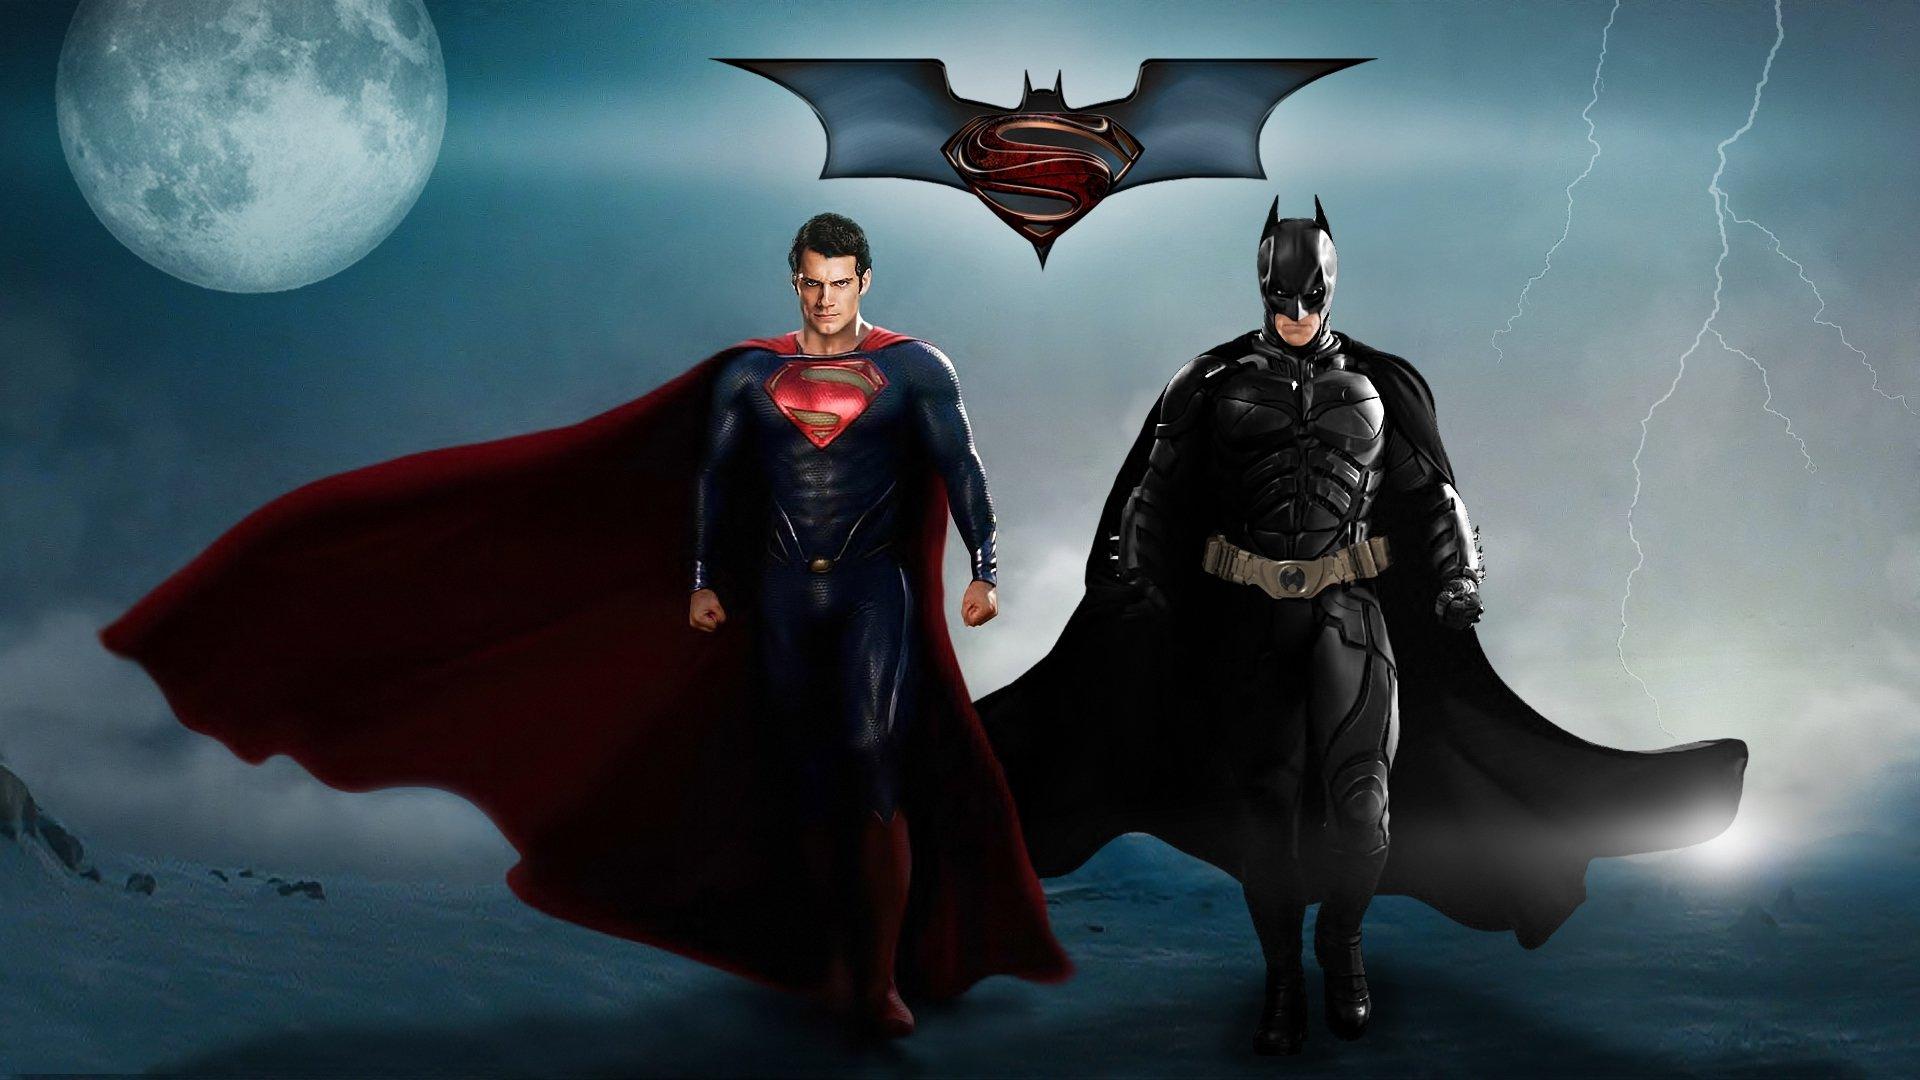 superman batman dark knight superhero dawn justice 25 wallpaper 1920x1080